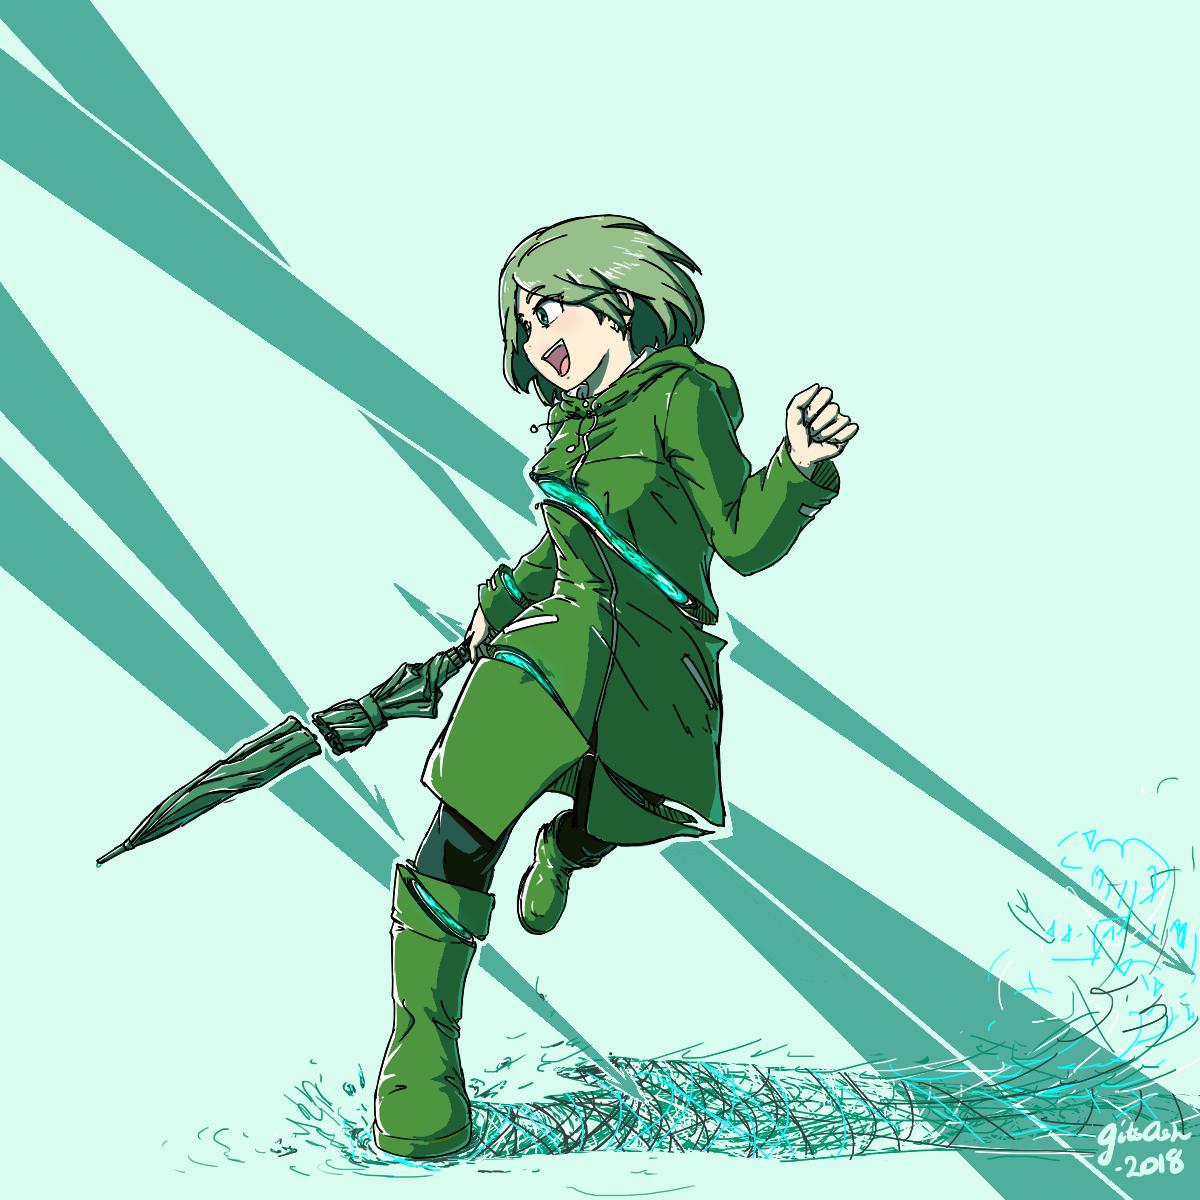 Short Cuts Green